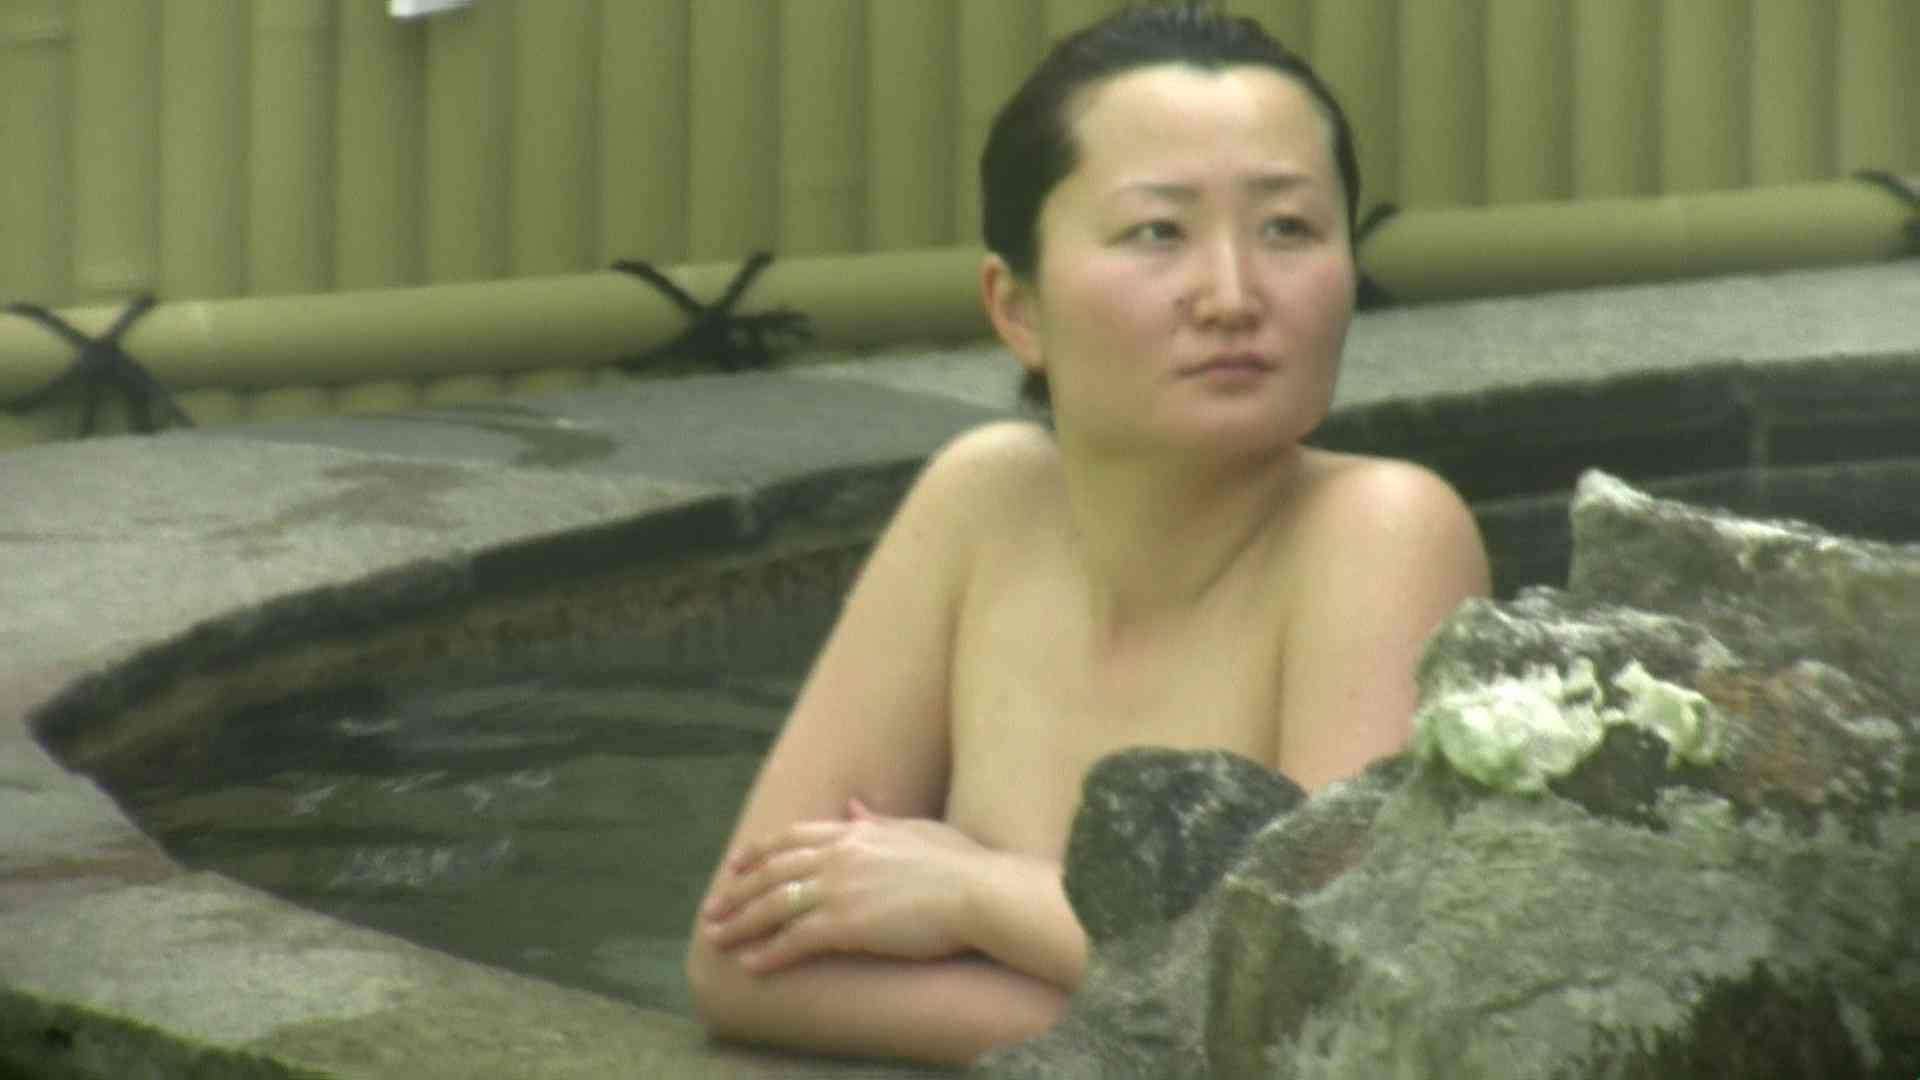 Aquaな露天風呂Vol.632 盗撮  70画像 48